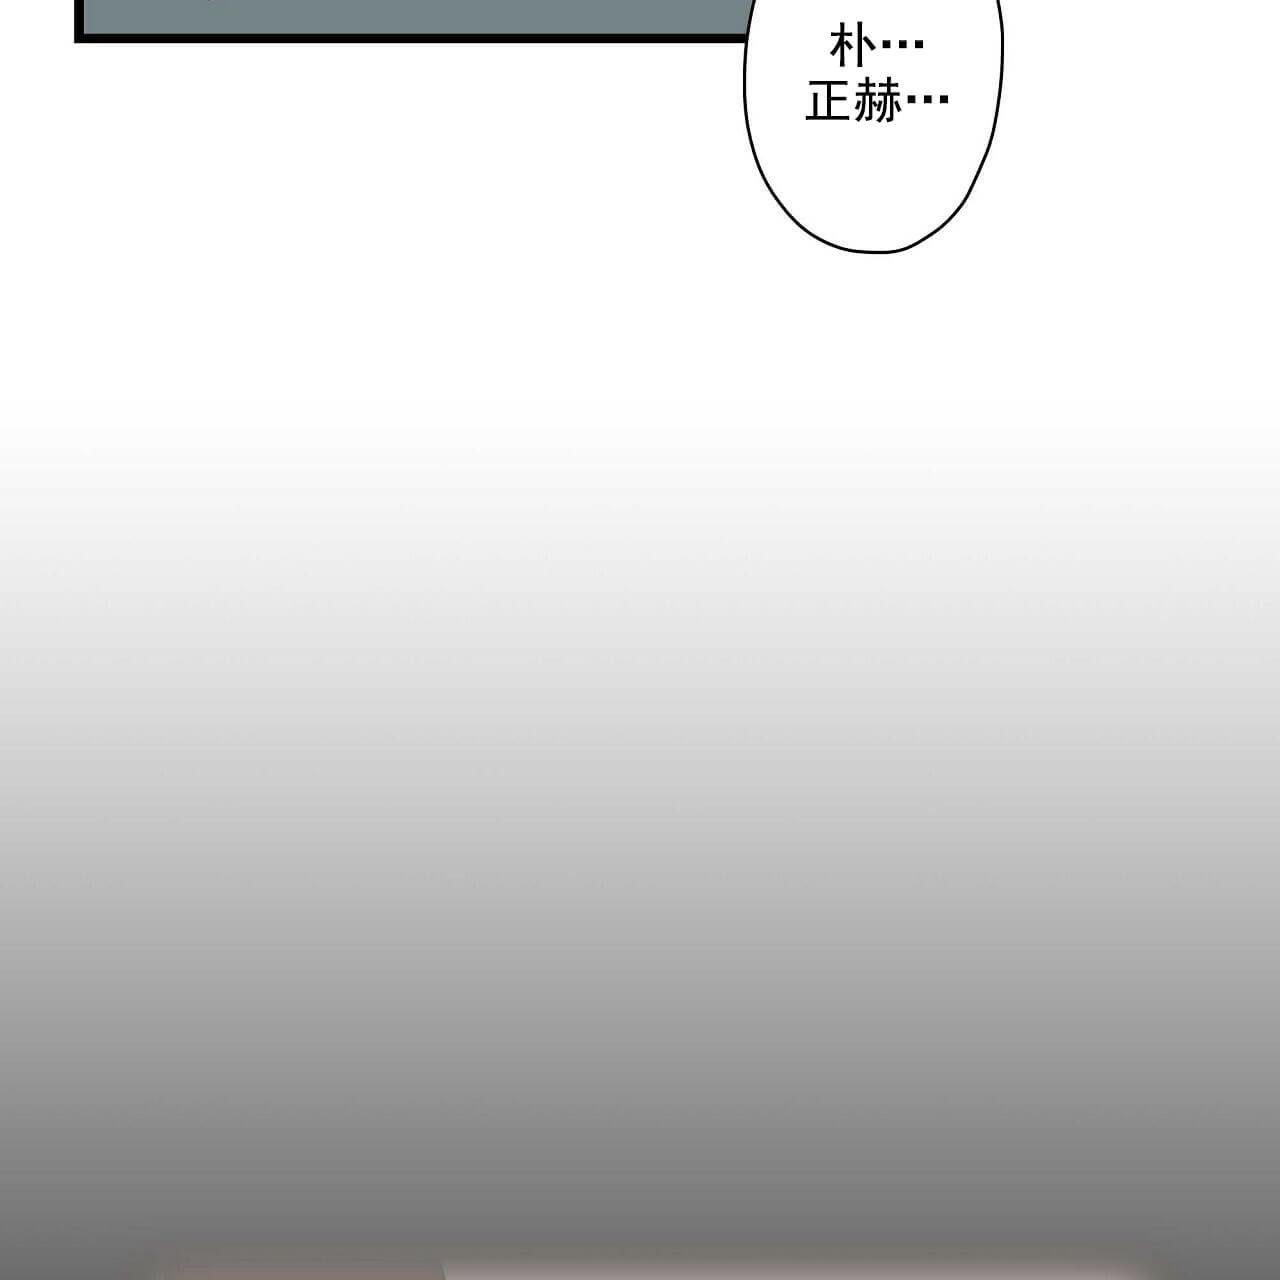 韩漫 |《恋爱杀虫剂》一场由杀虫剂开启的恋爱罗曼史~  第4张